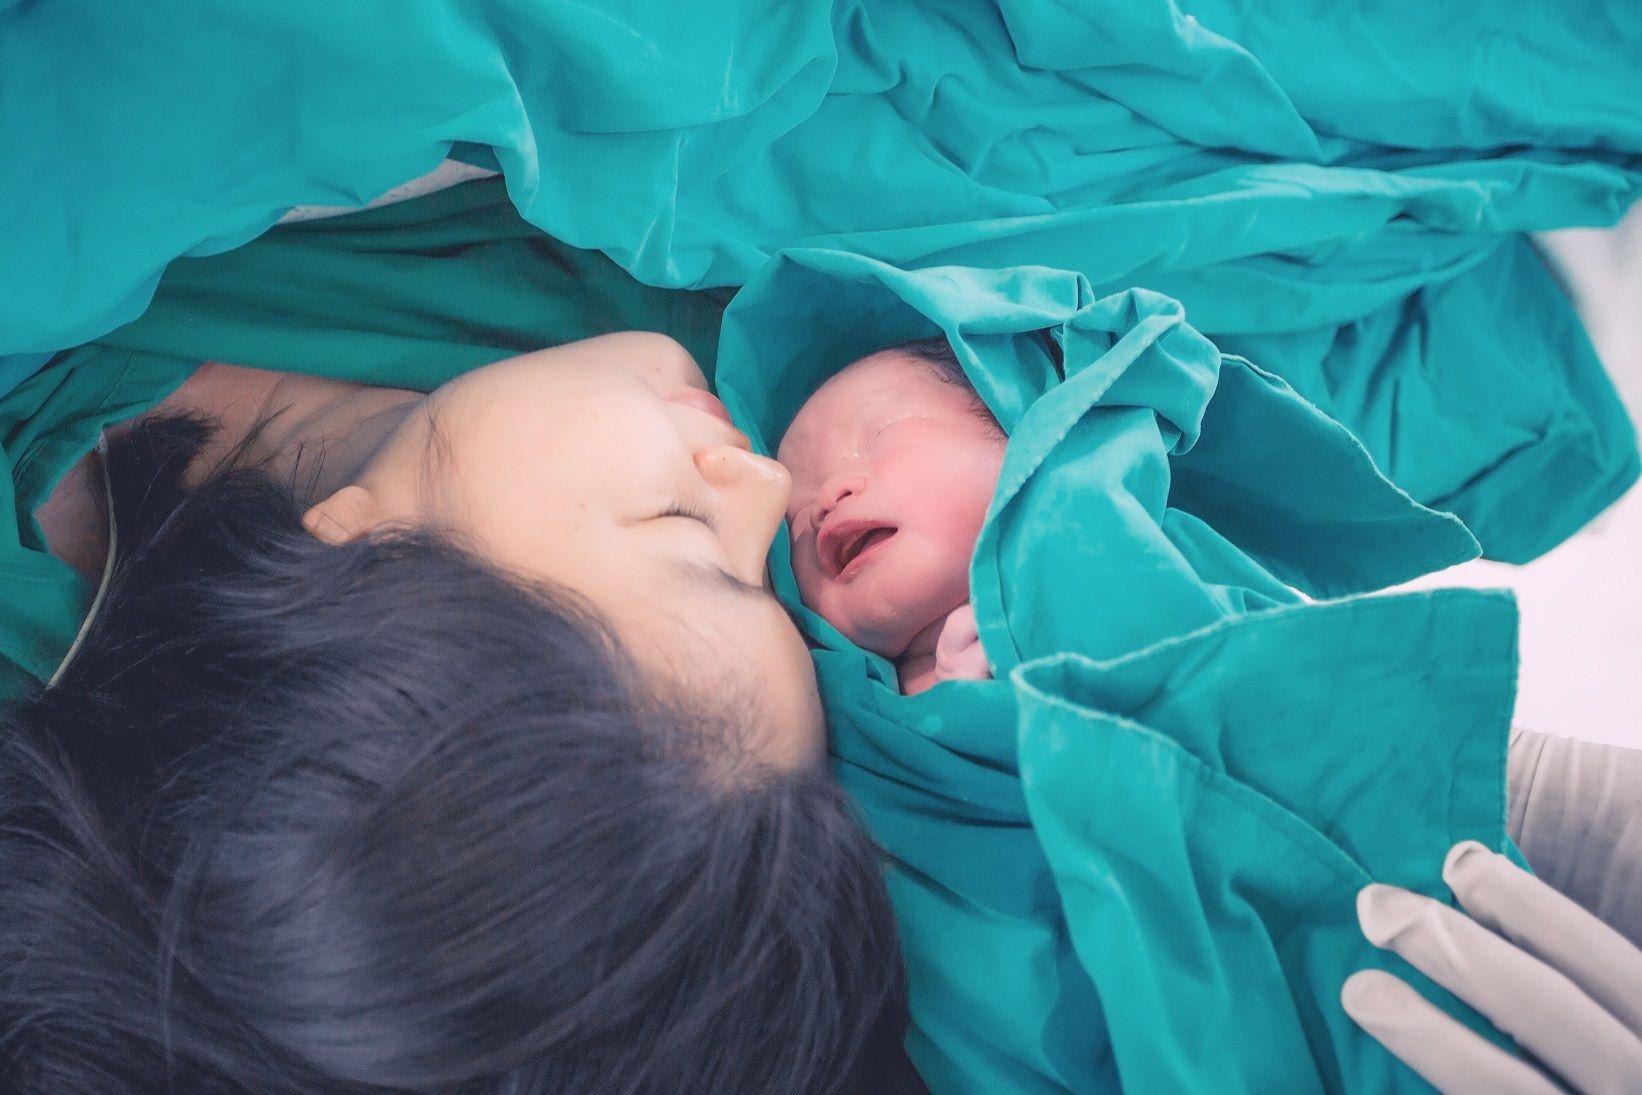 MARGen: Los hijos de madres con Coronavirus parecen tener un mayor riesgo de problemas neonatales